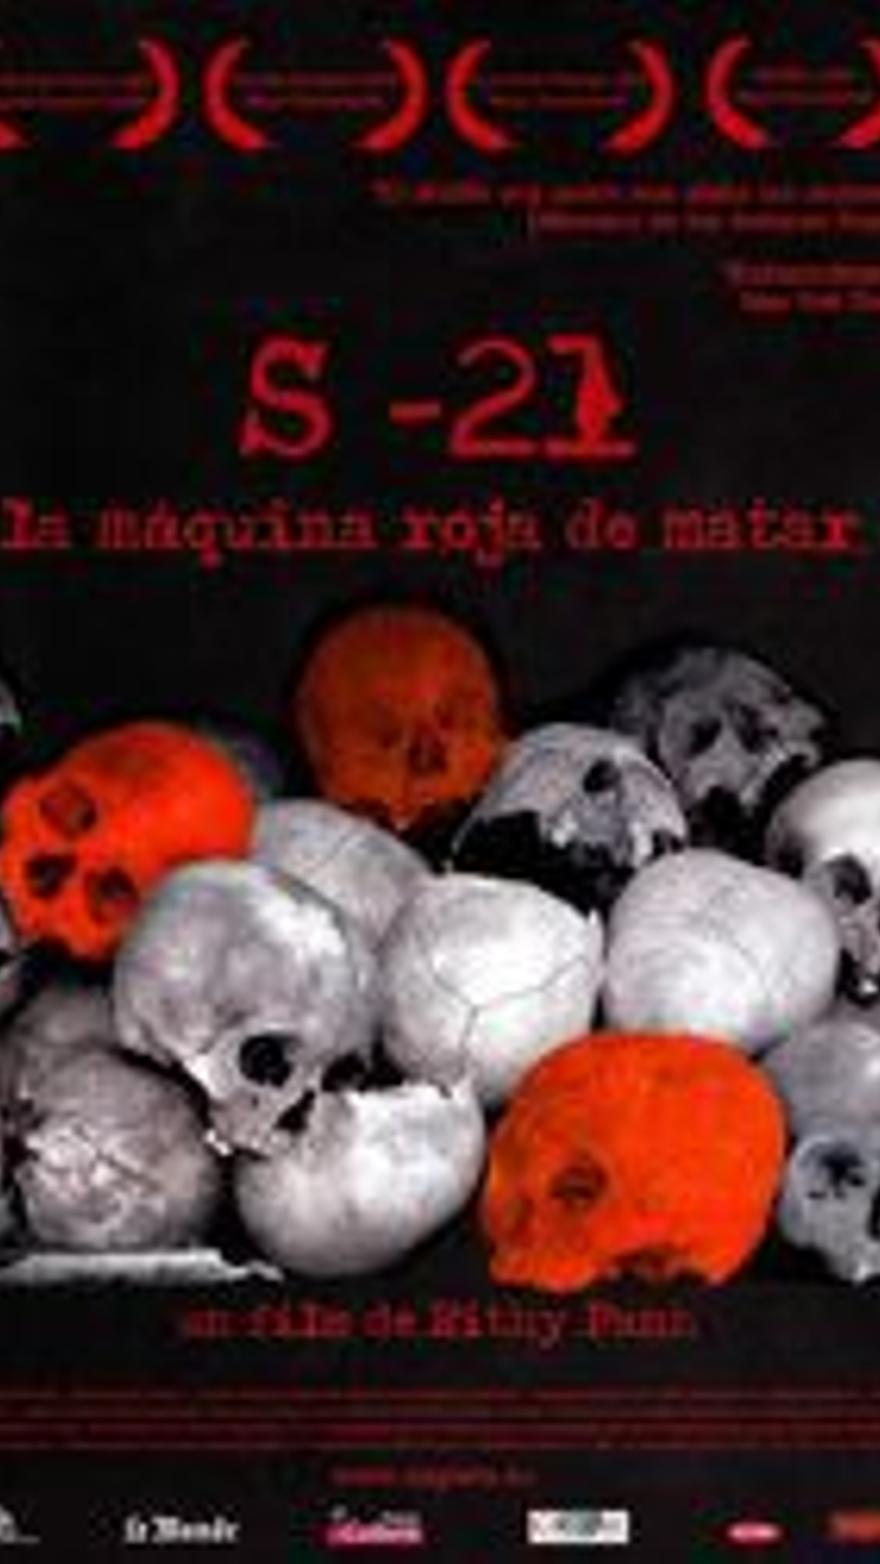 S21: la máquina roja de matar